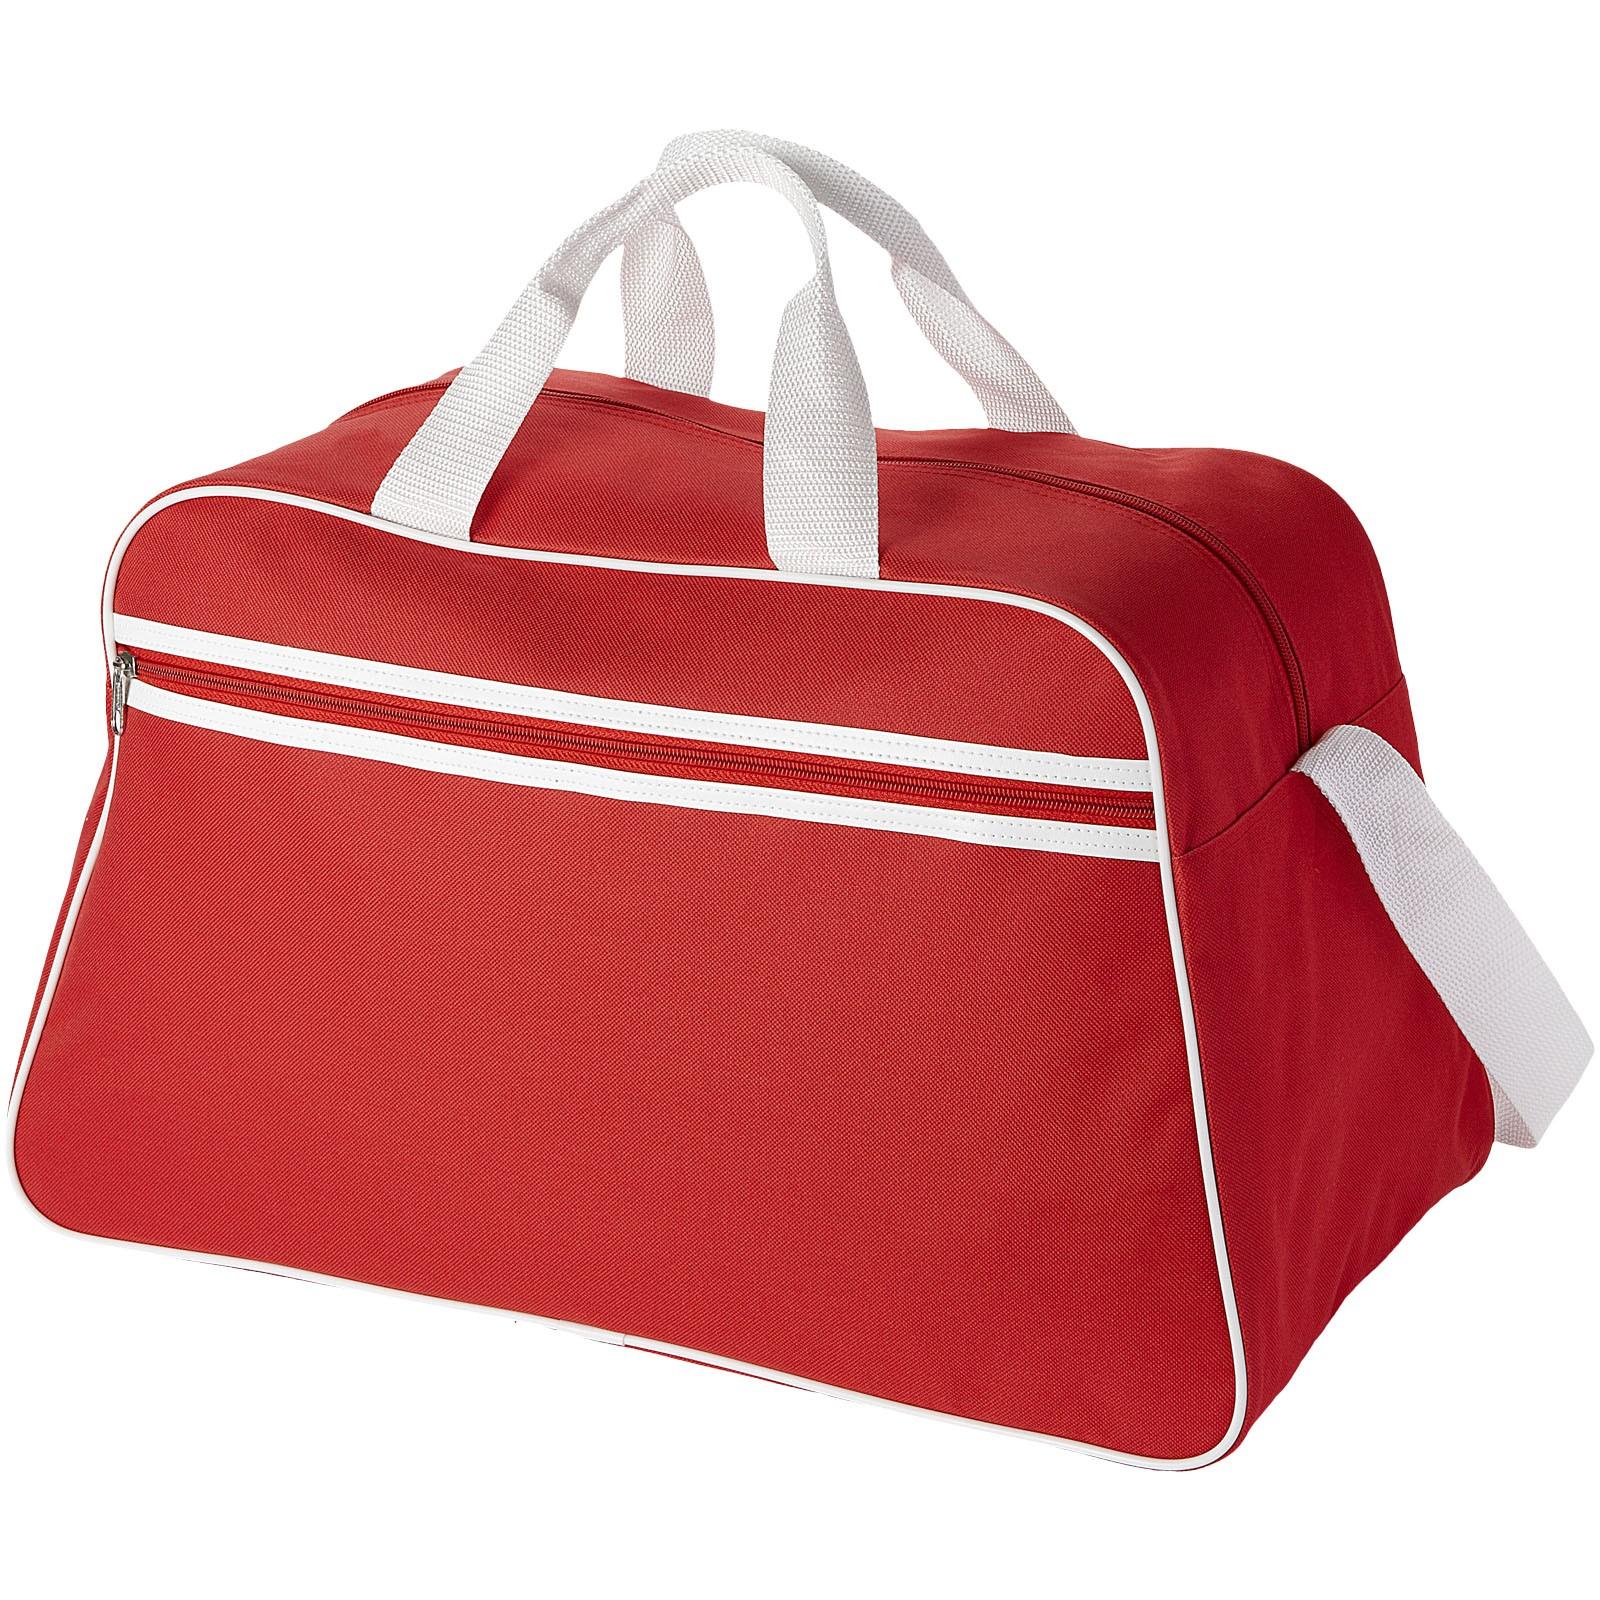 Sportovní taška San Jose - Červená s efektem námrazy / Bílá